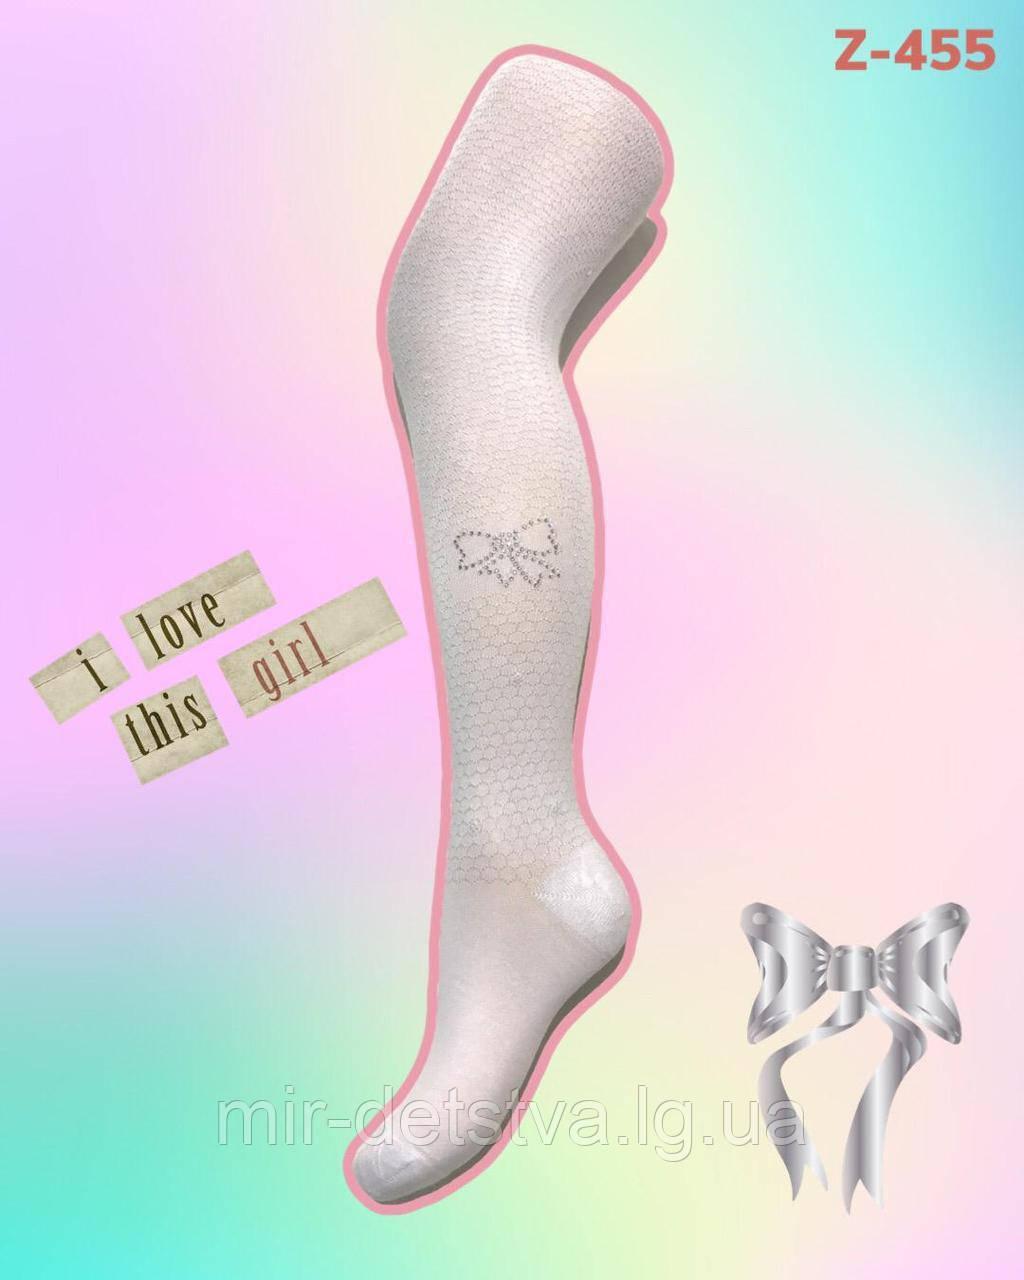 Нарядные белые колготки для девочек ТМ PIER LONE оптом, Турция р.9-10 лет (134-140 см)